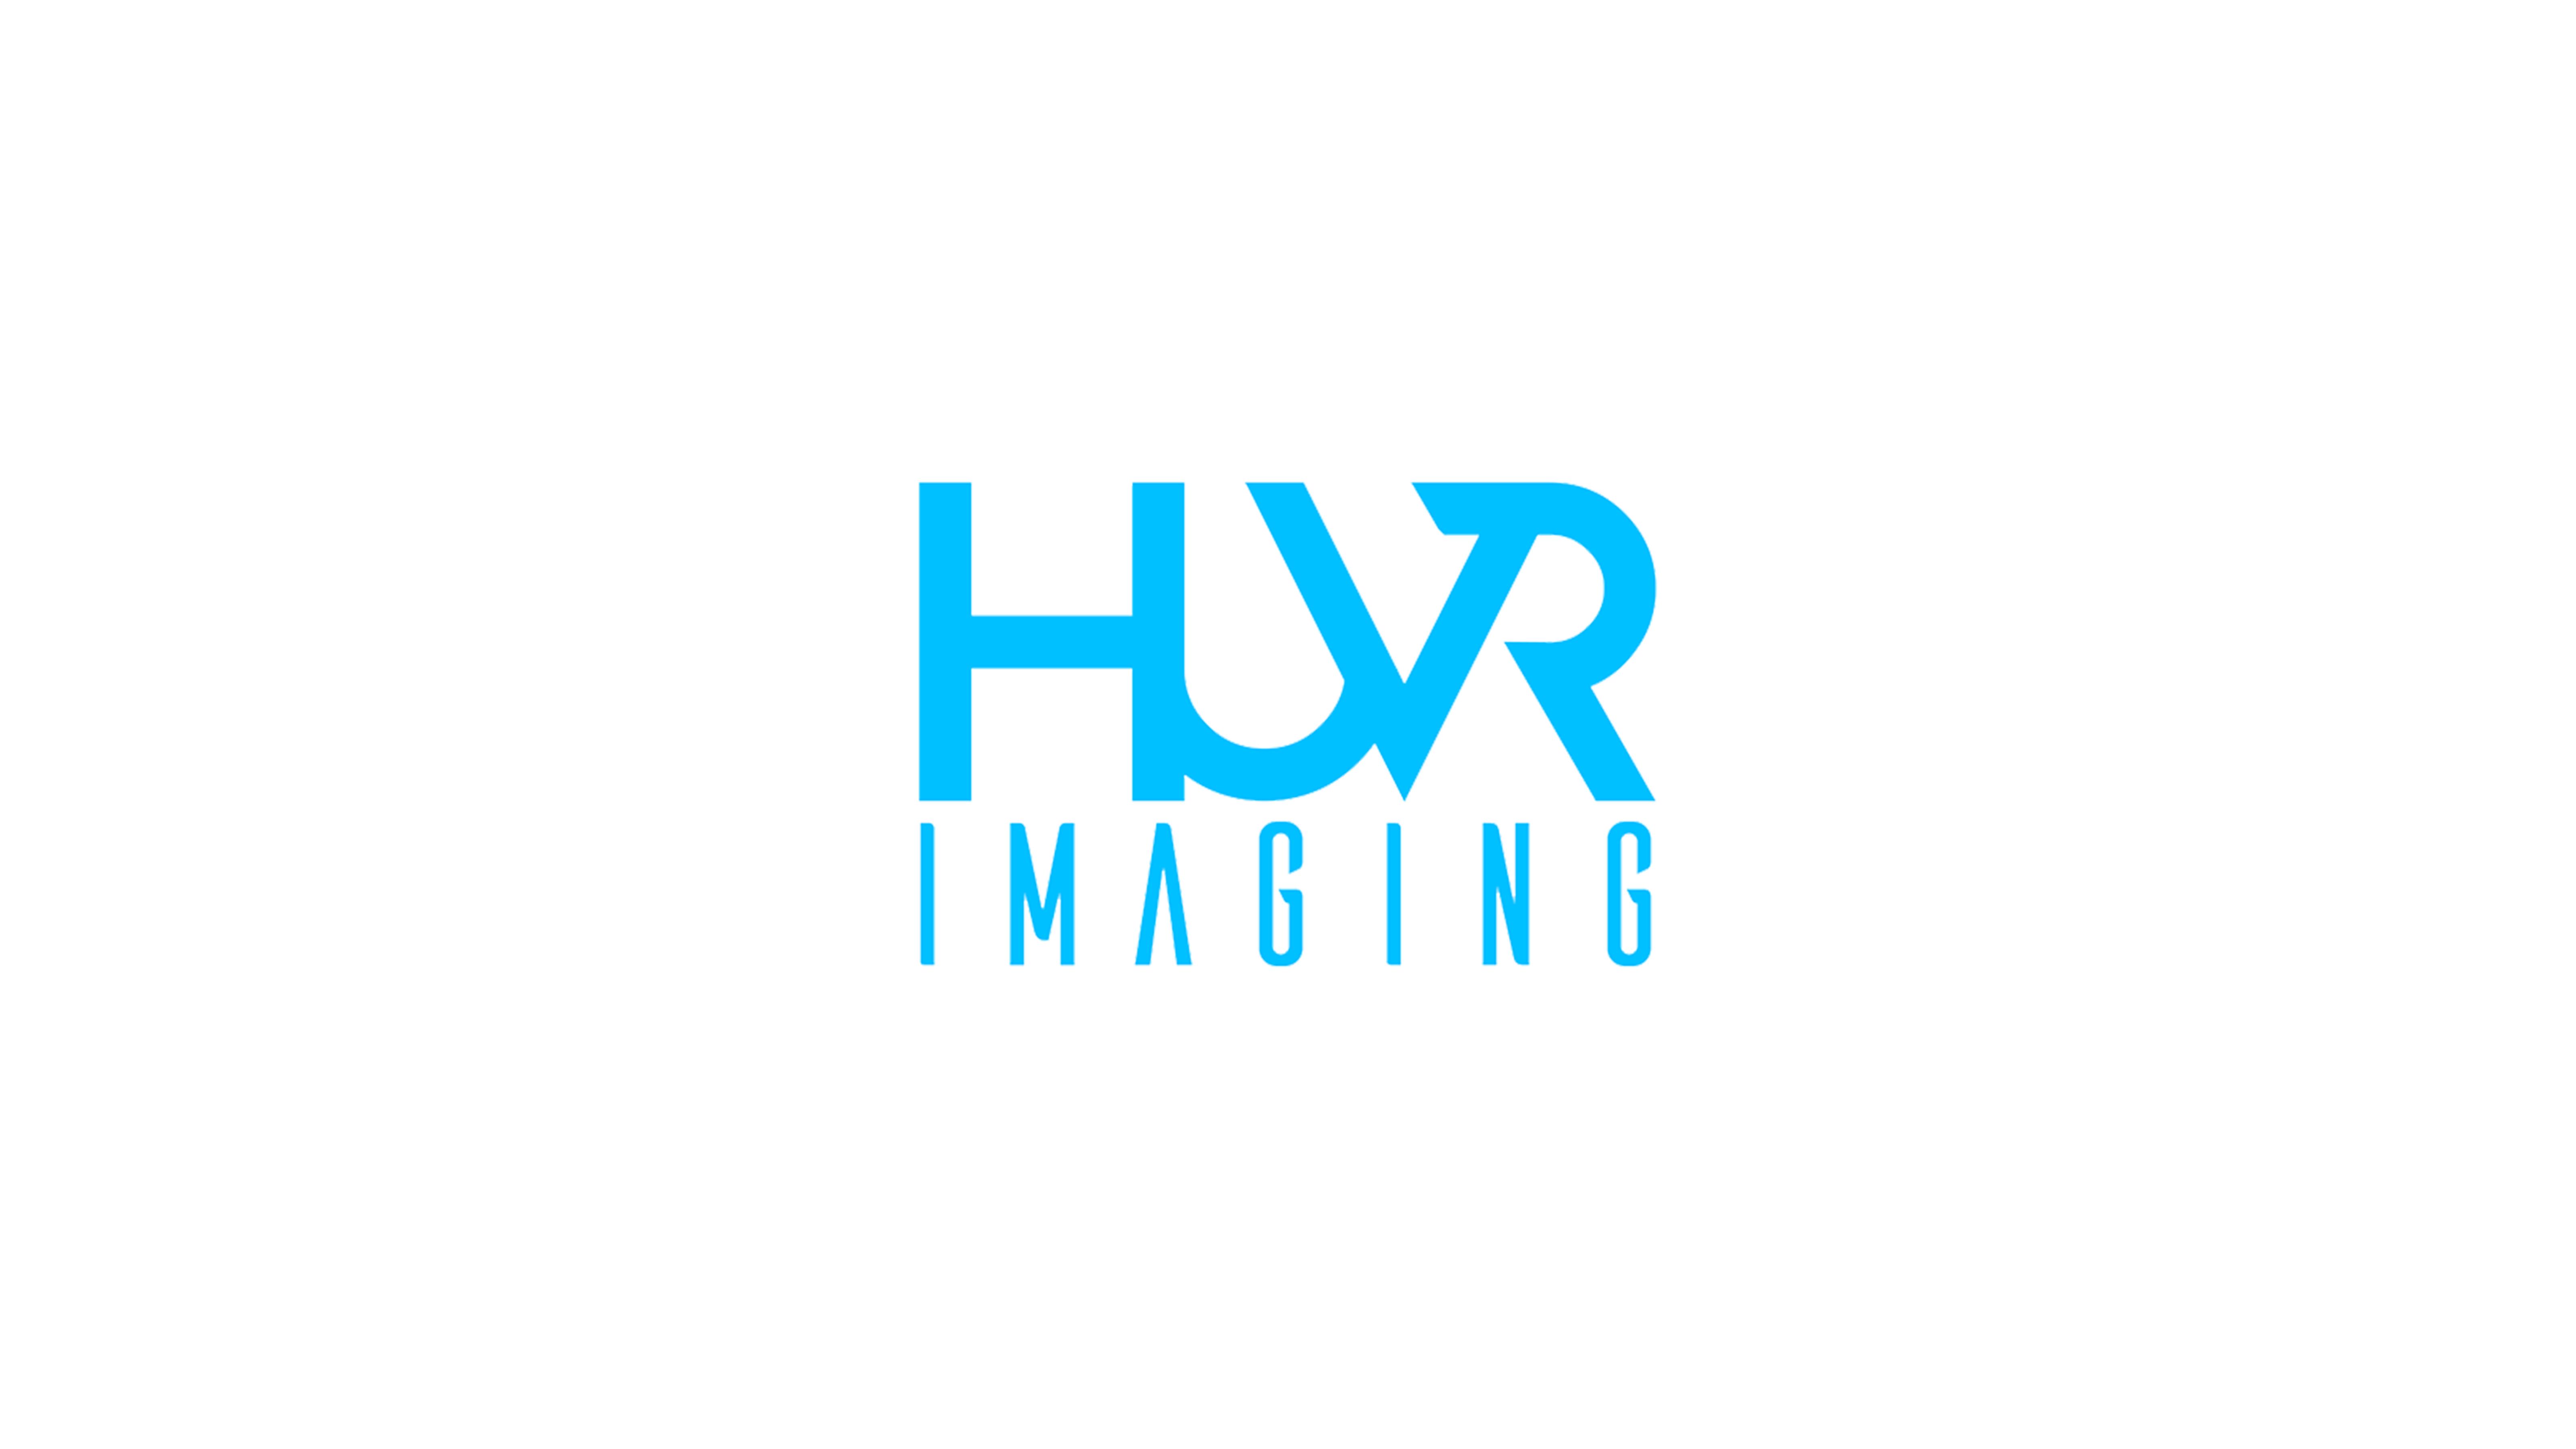 Huvr Imaging